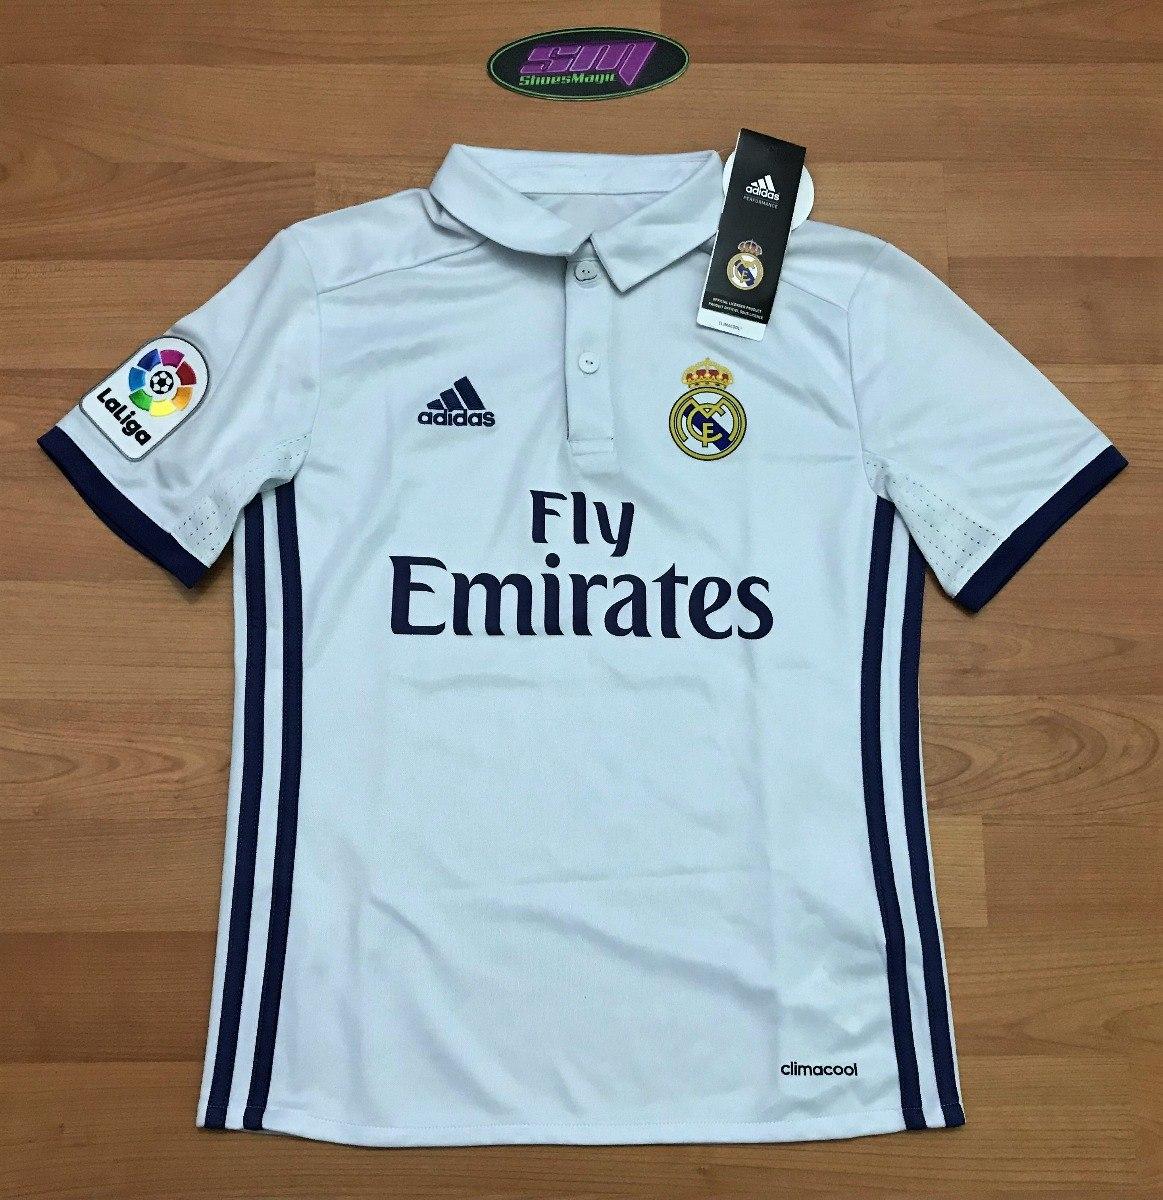 2e6502624a6a7 Playera adidas Del Real Madrid Para Niño -   349.00 en Mercado Libre